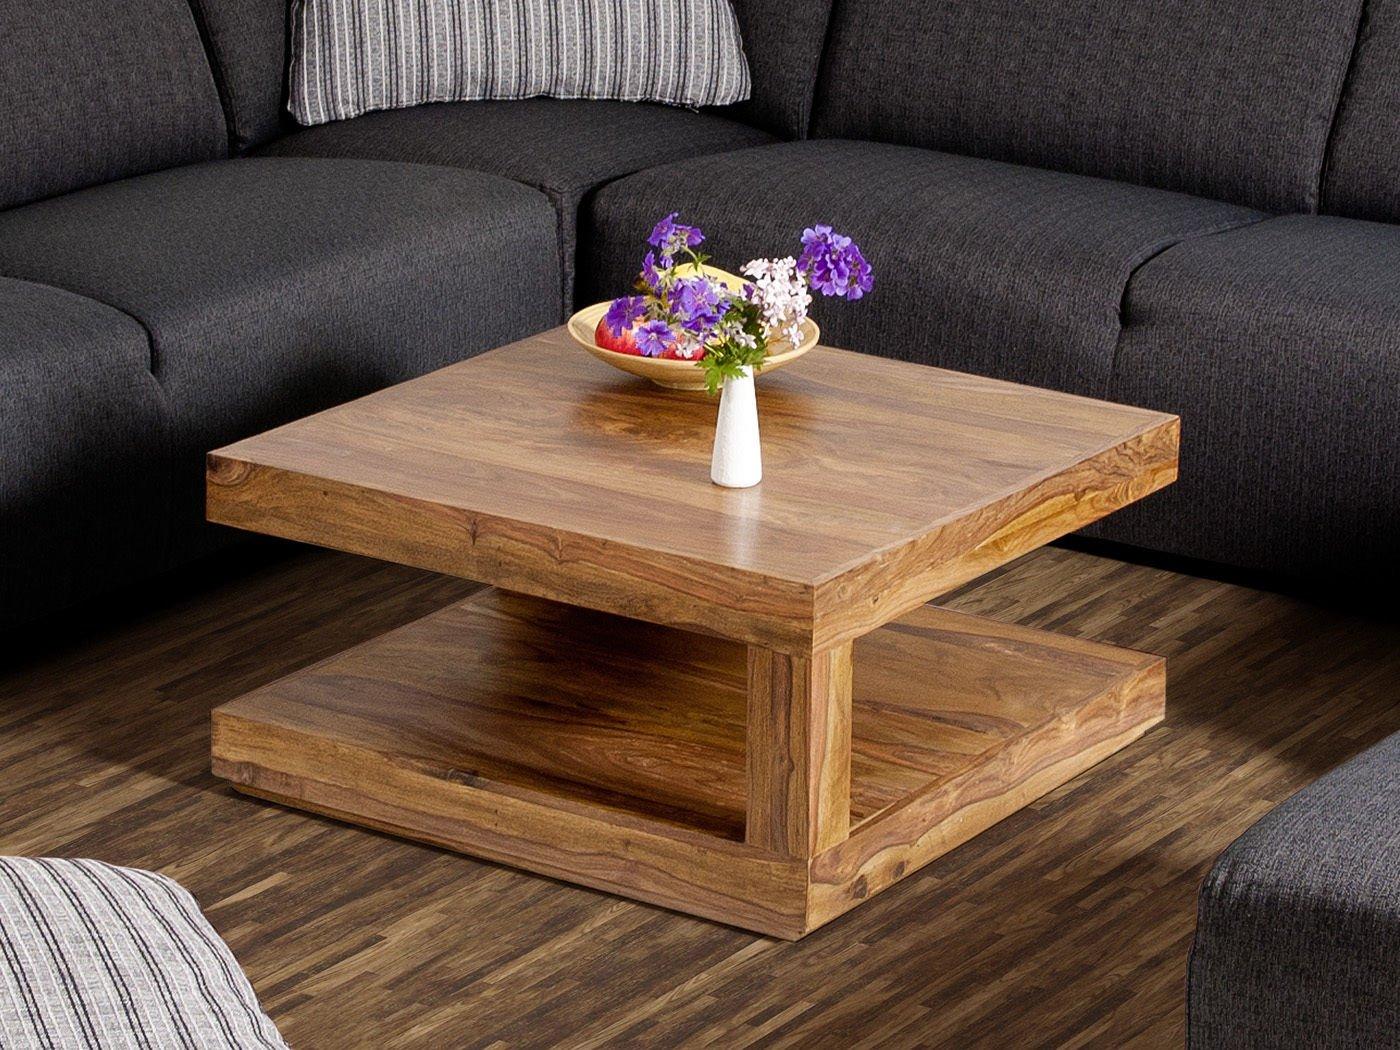 Couchtisch Wohnzimmertisch Tisch Palisander Massivholz 75x75 cm ...